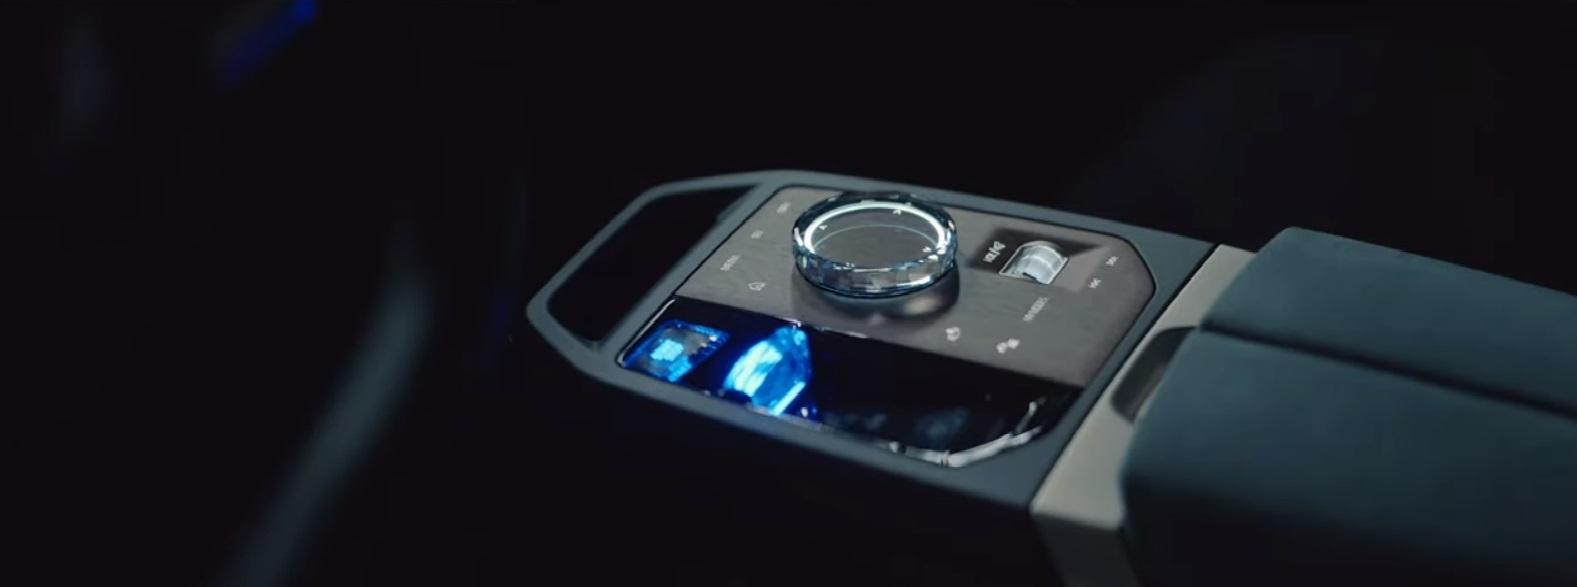 next gen BMW iDrive controller